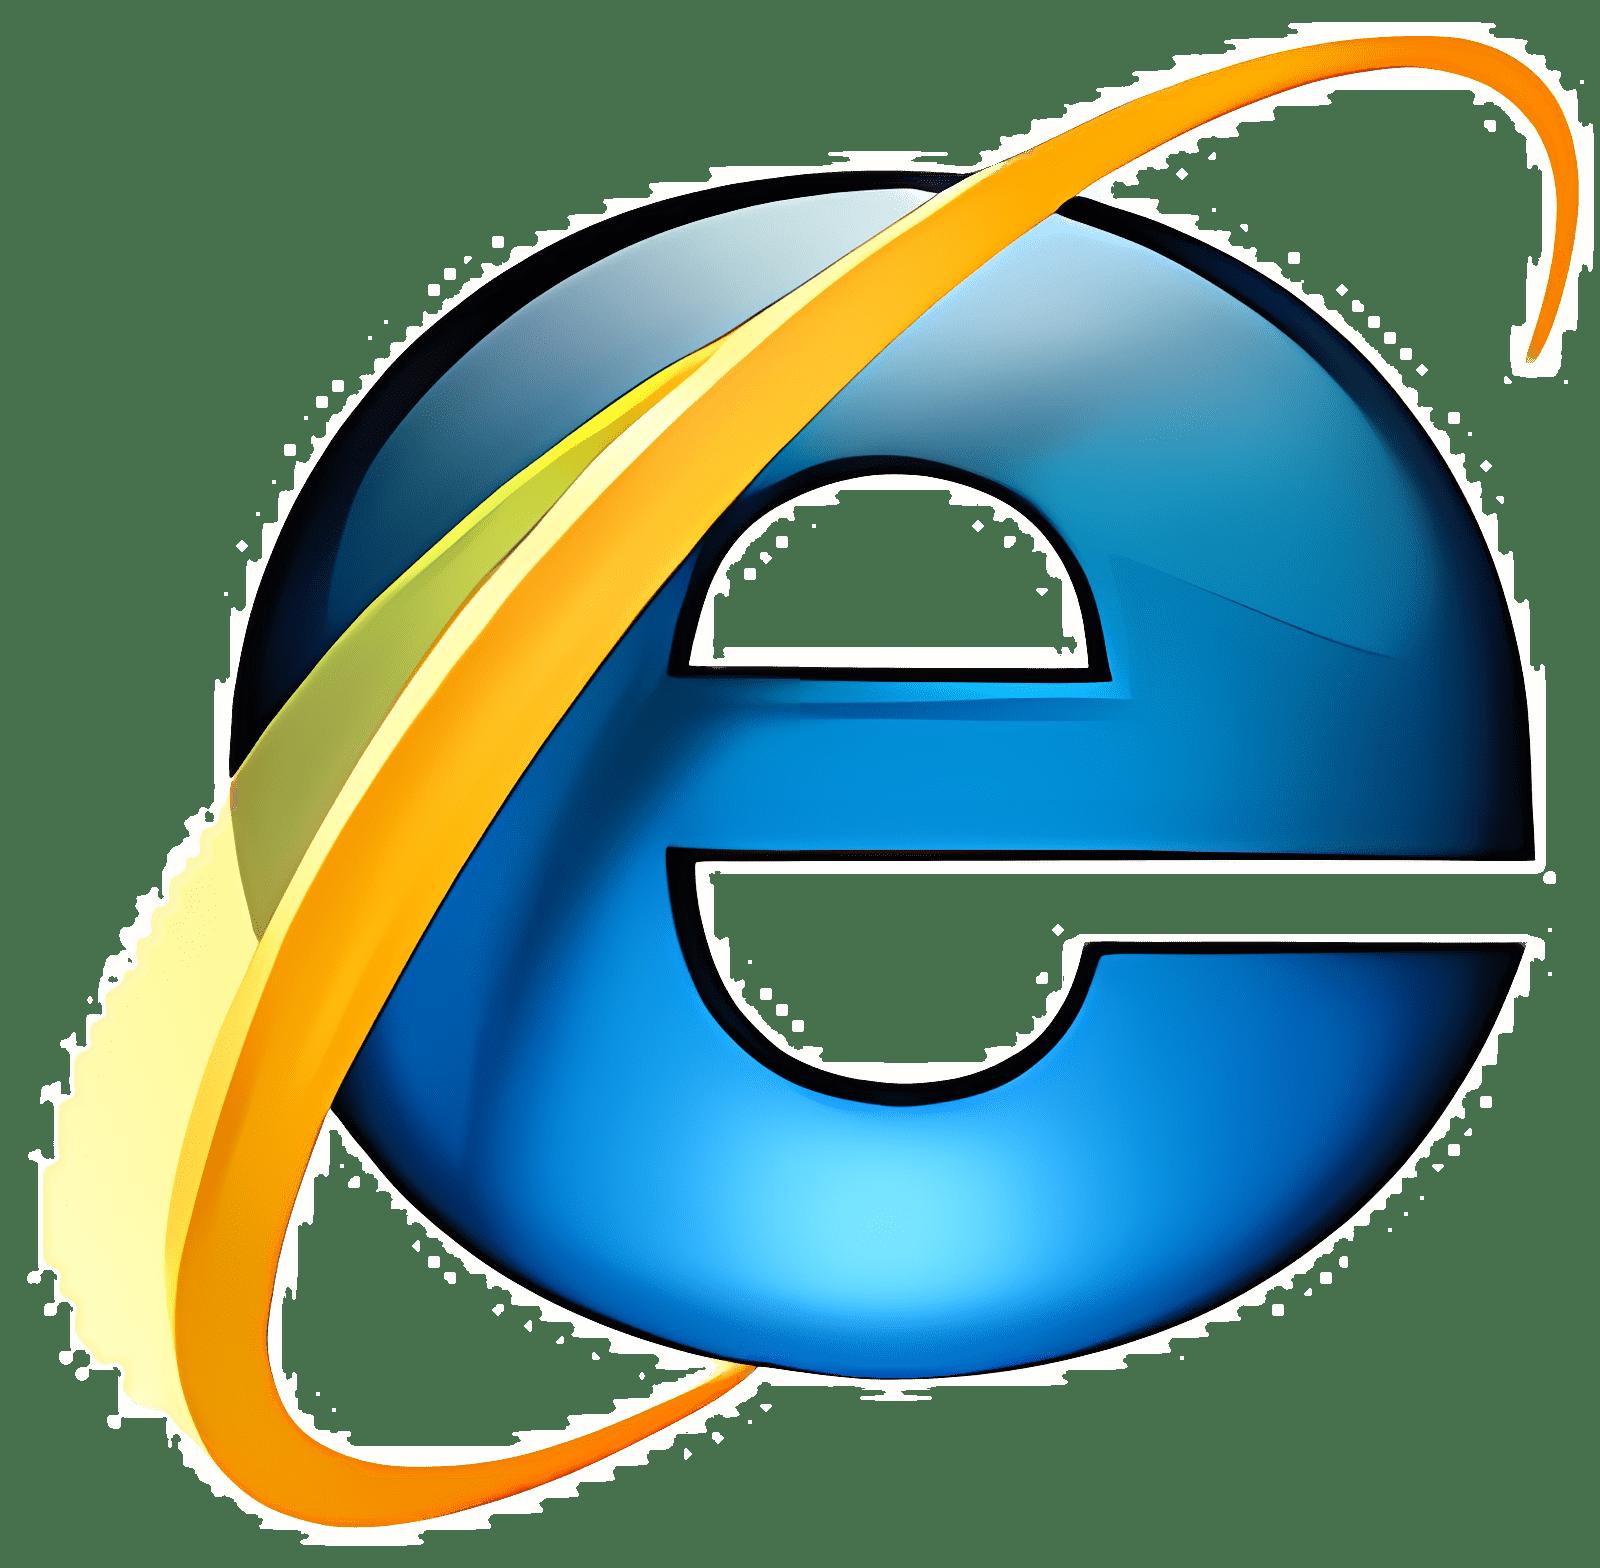 Internet Explorer 8 8.0.6001.18702 (Vista 32 Bits)